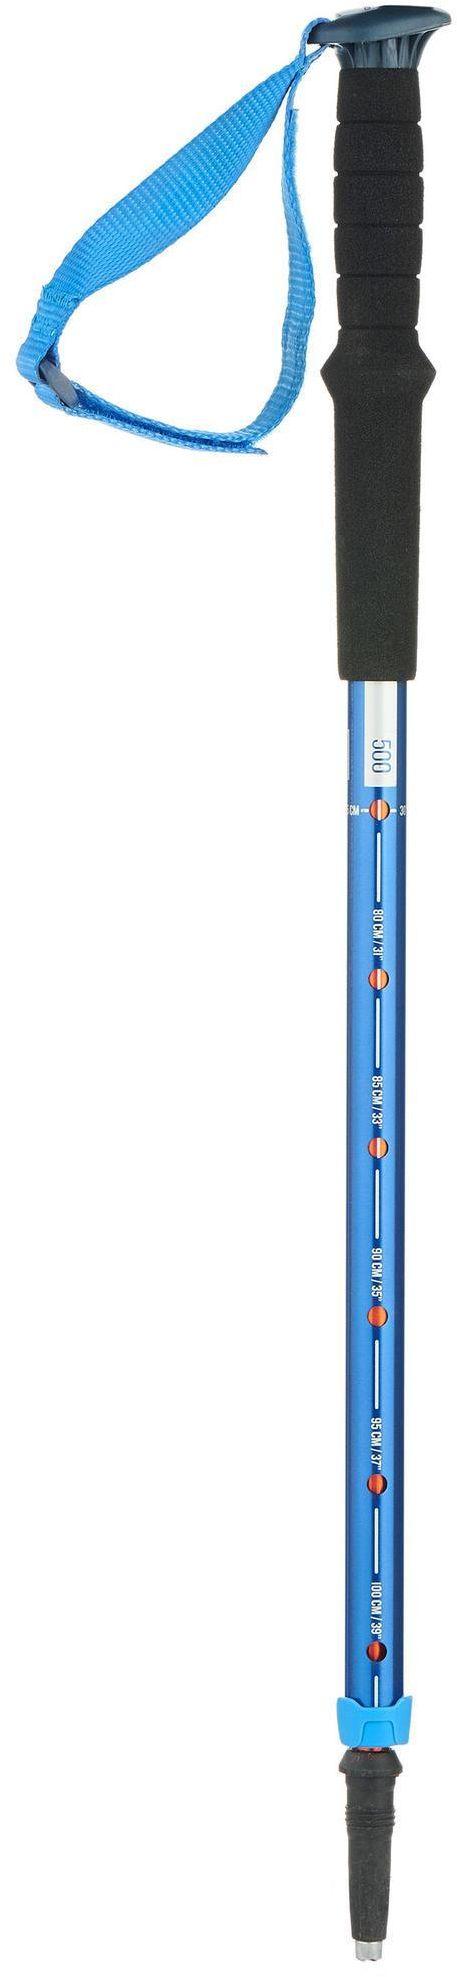 Kijek turystyczny MH500 dla dzieci